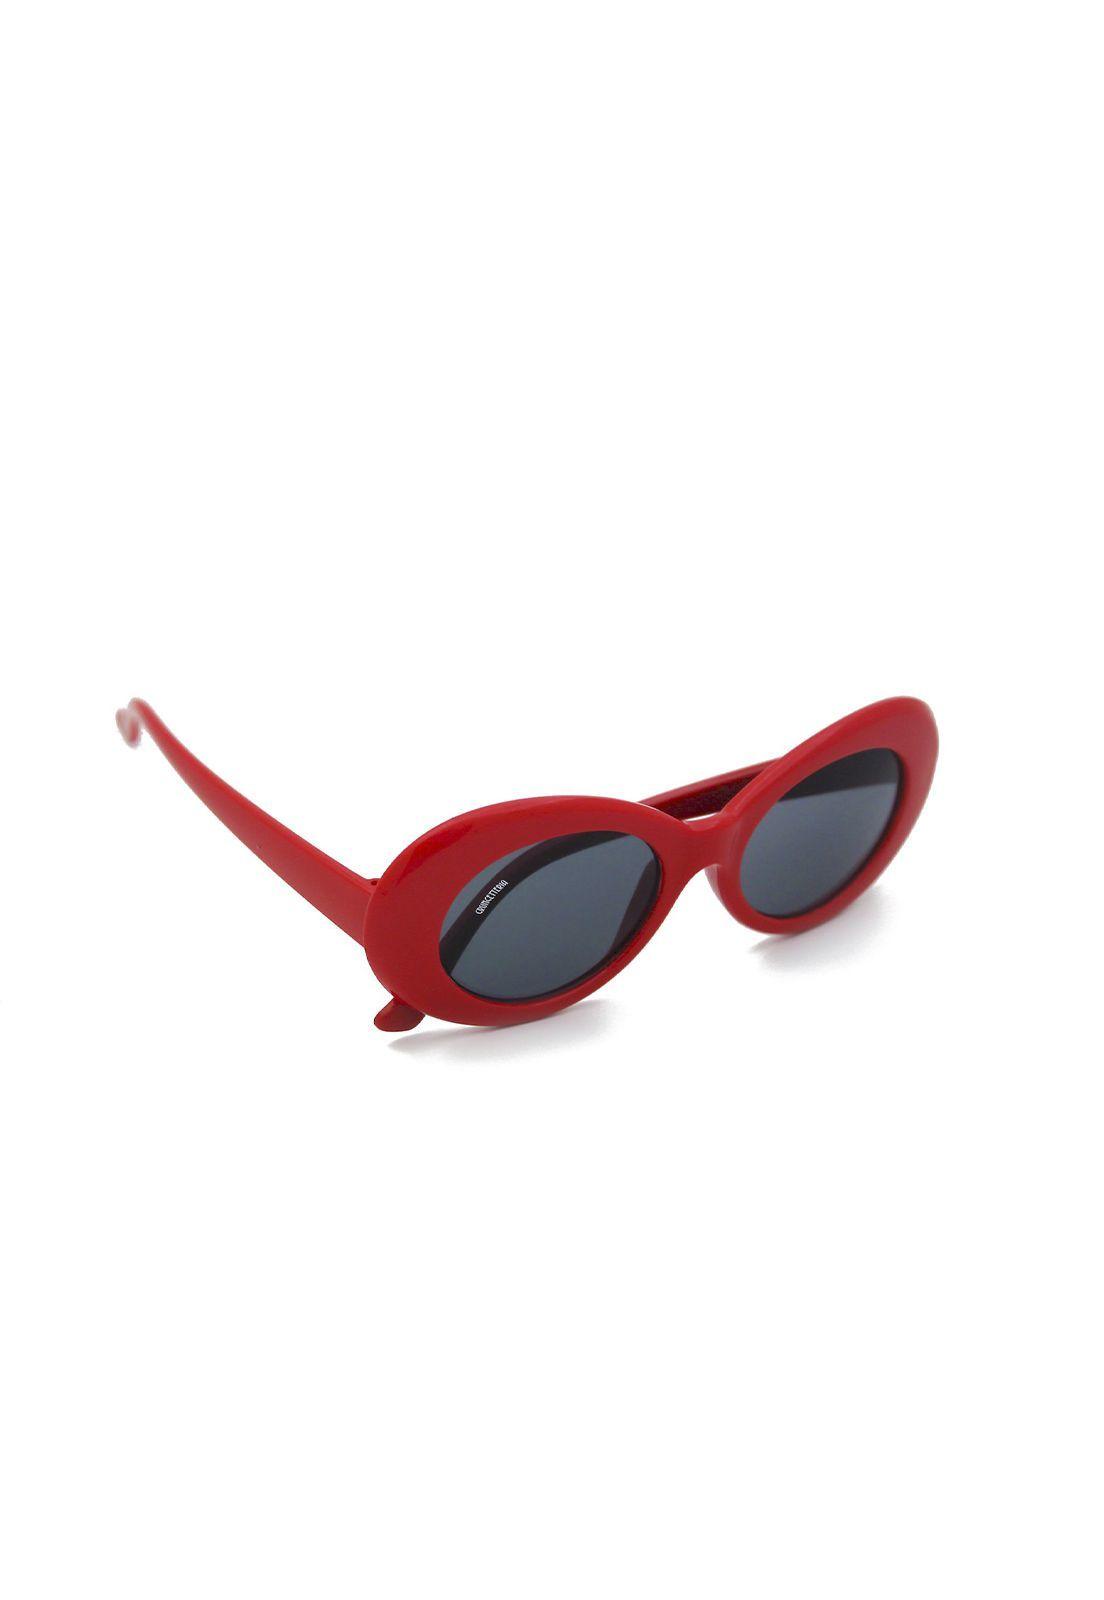 Óculos de Sol Grungetteria Kurt Vermelho